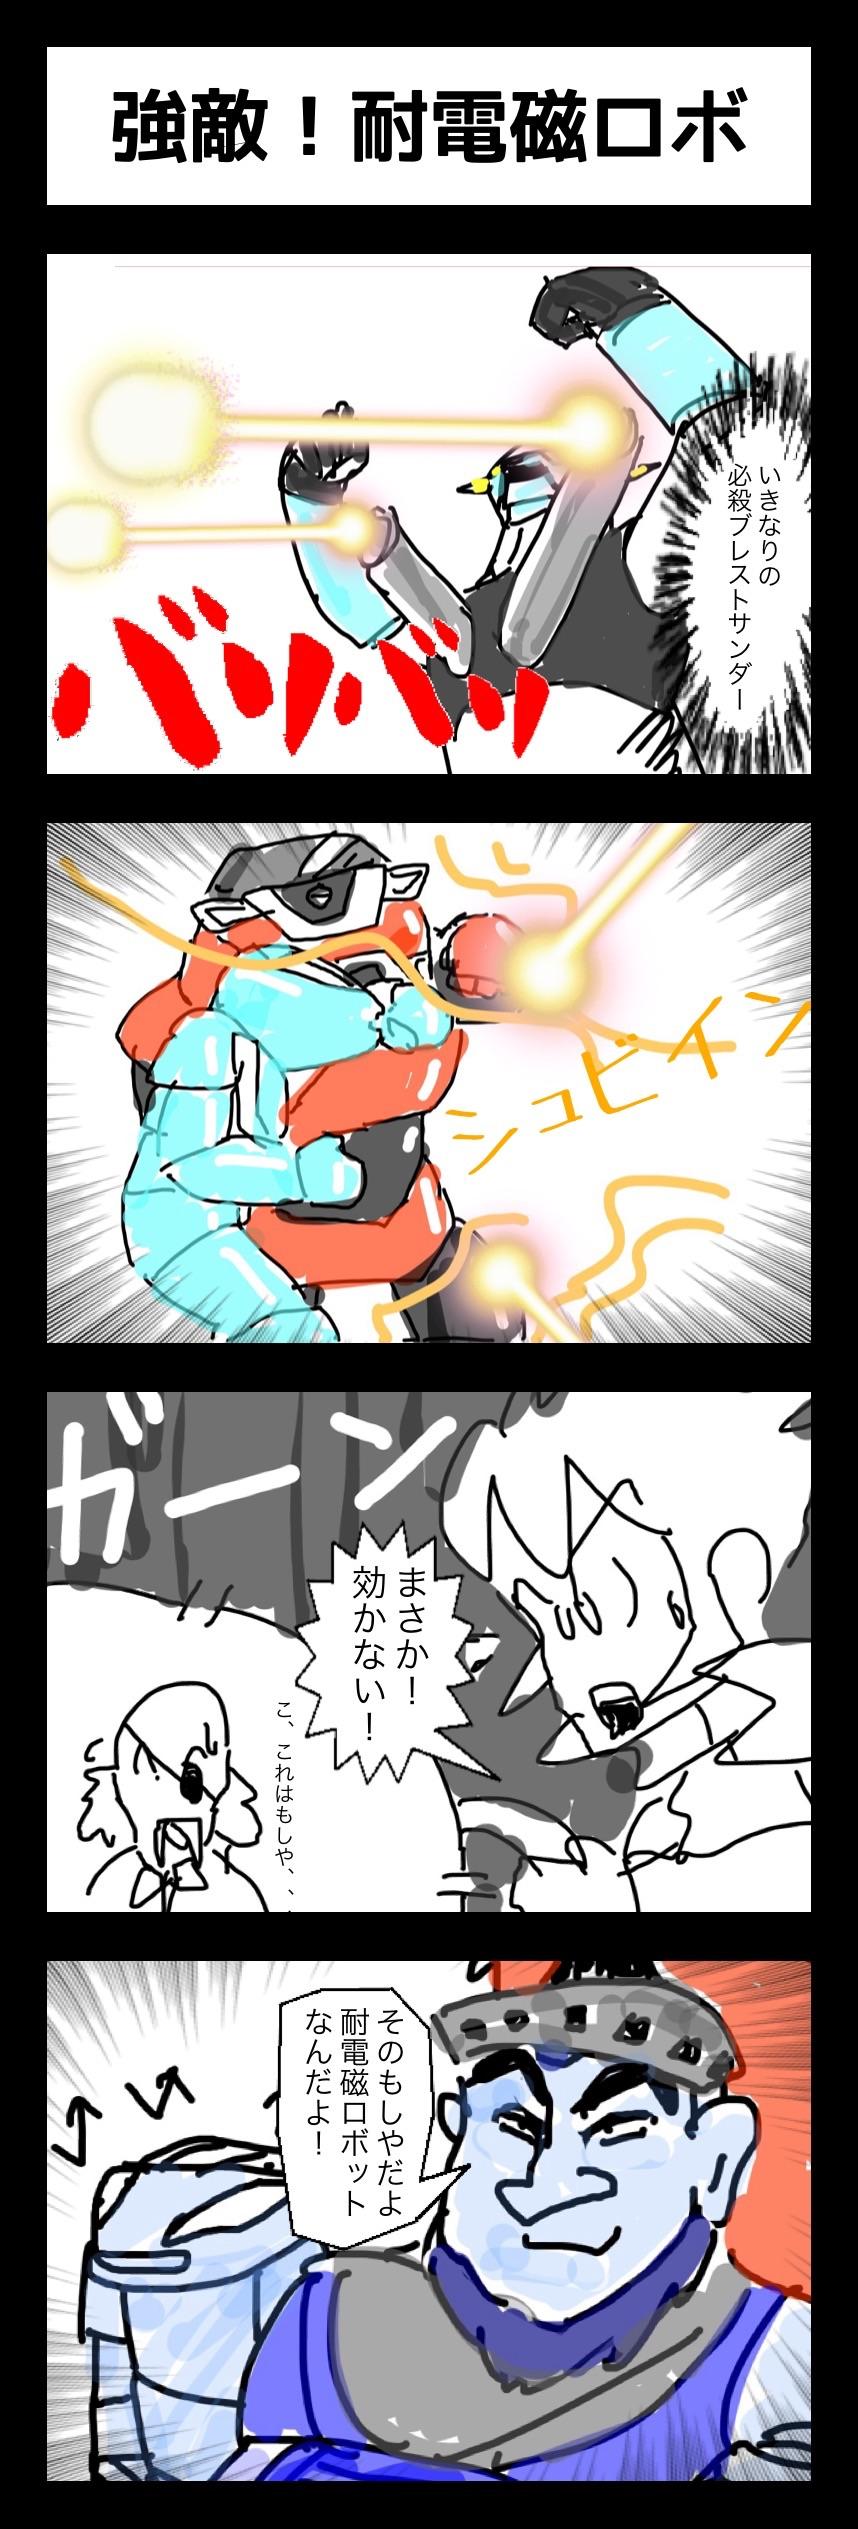 連載4コマ漫画 アトランダーV 25